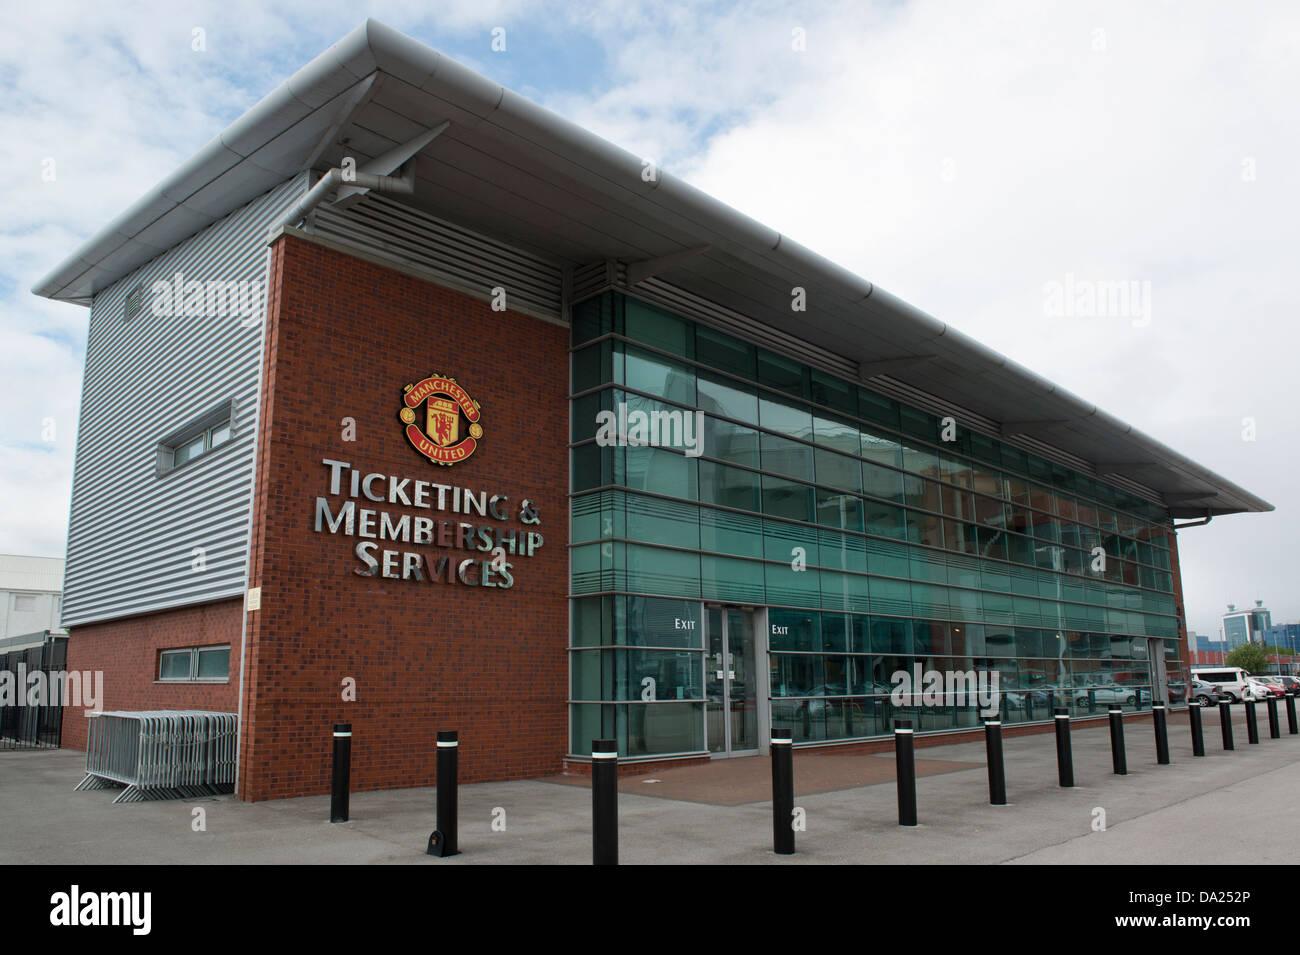 El ticketing y servicios para socios de el edificio de oficinas de la sede del club de fútbol Manchester United Imagen De Stock